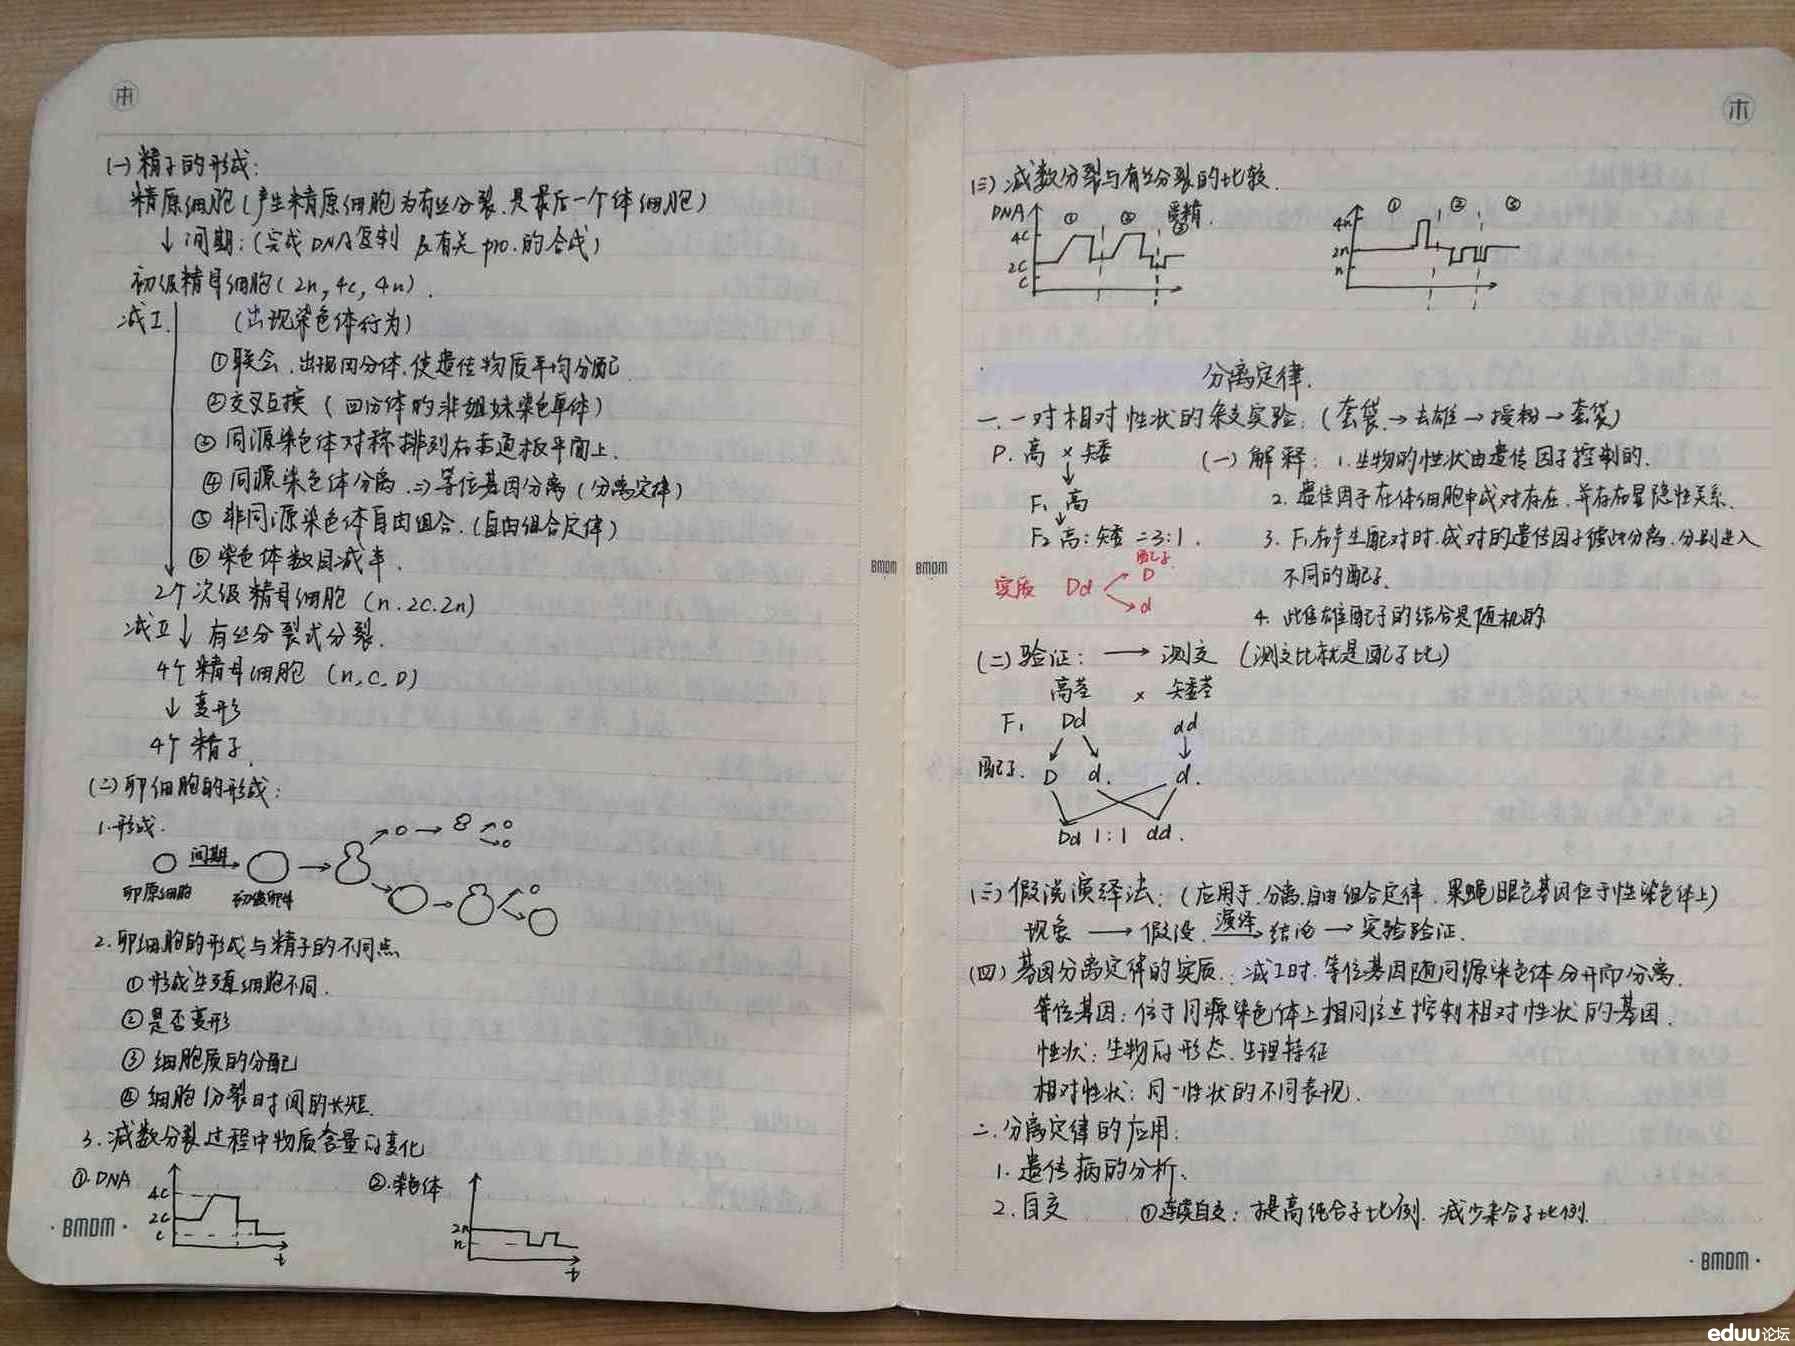 物理高中高中有哪几本_课本课本高中有几本几月城分上能物理中考图片